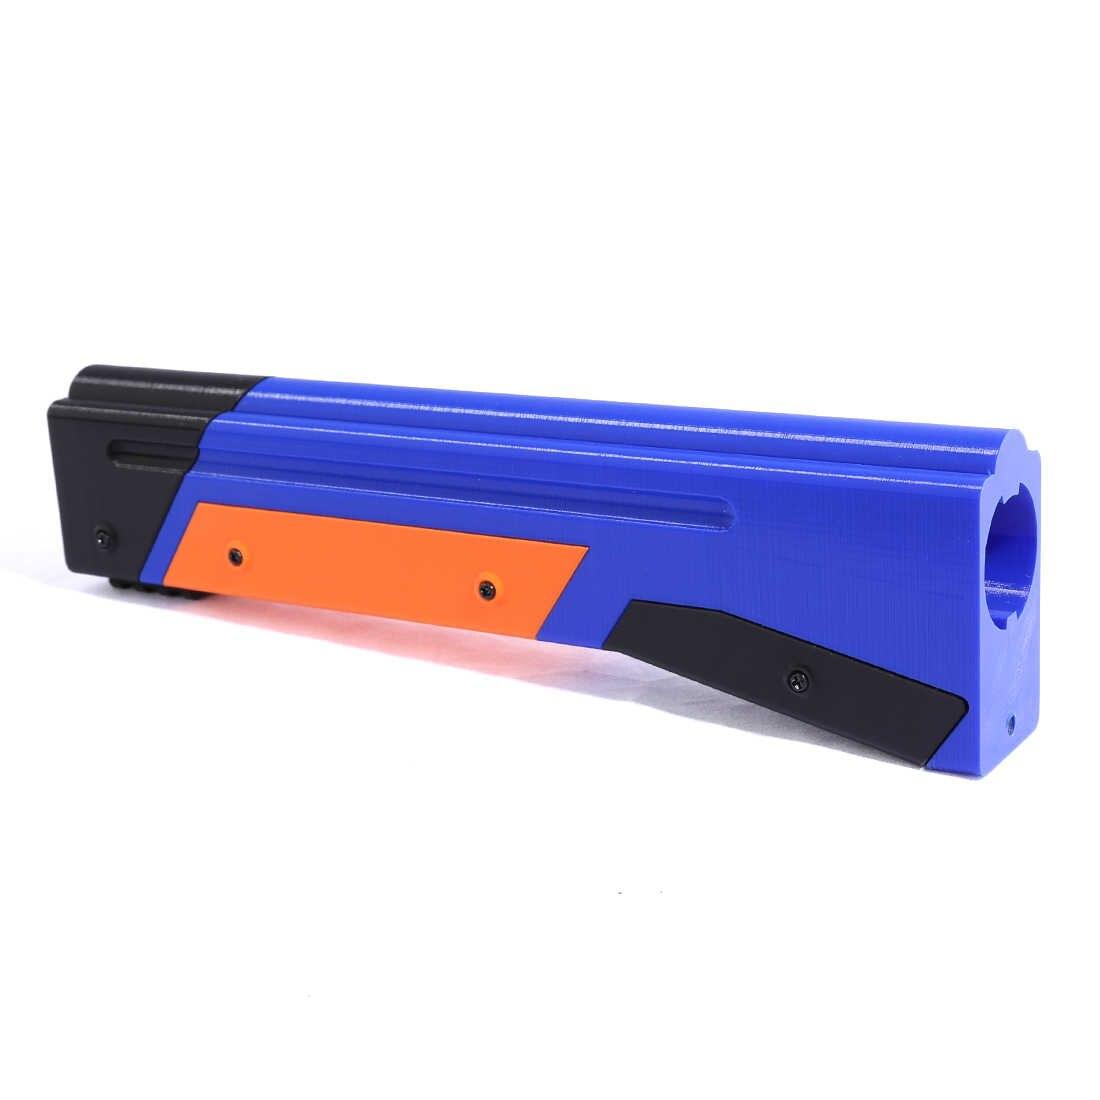 Tactische Kid Speelgoed Pistool 3D Afdrukken Verschijning Modificatie Kit voor Nerf Retaliator Blasters Accessoires Component-Blauw